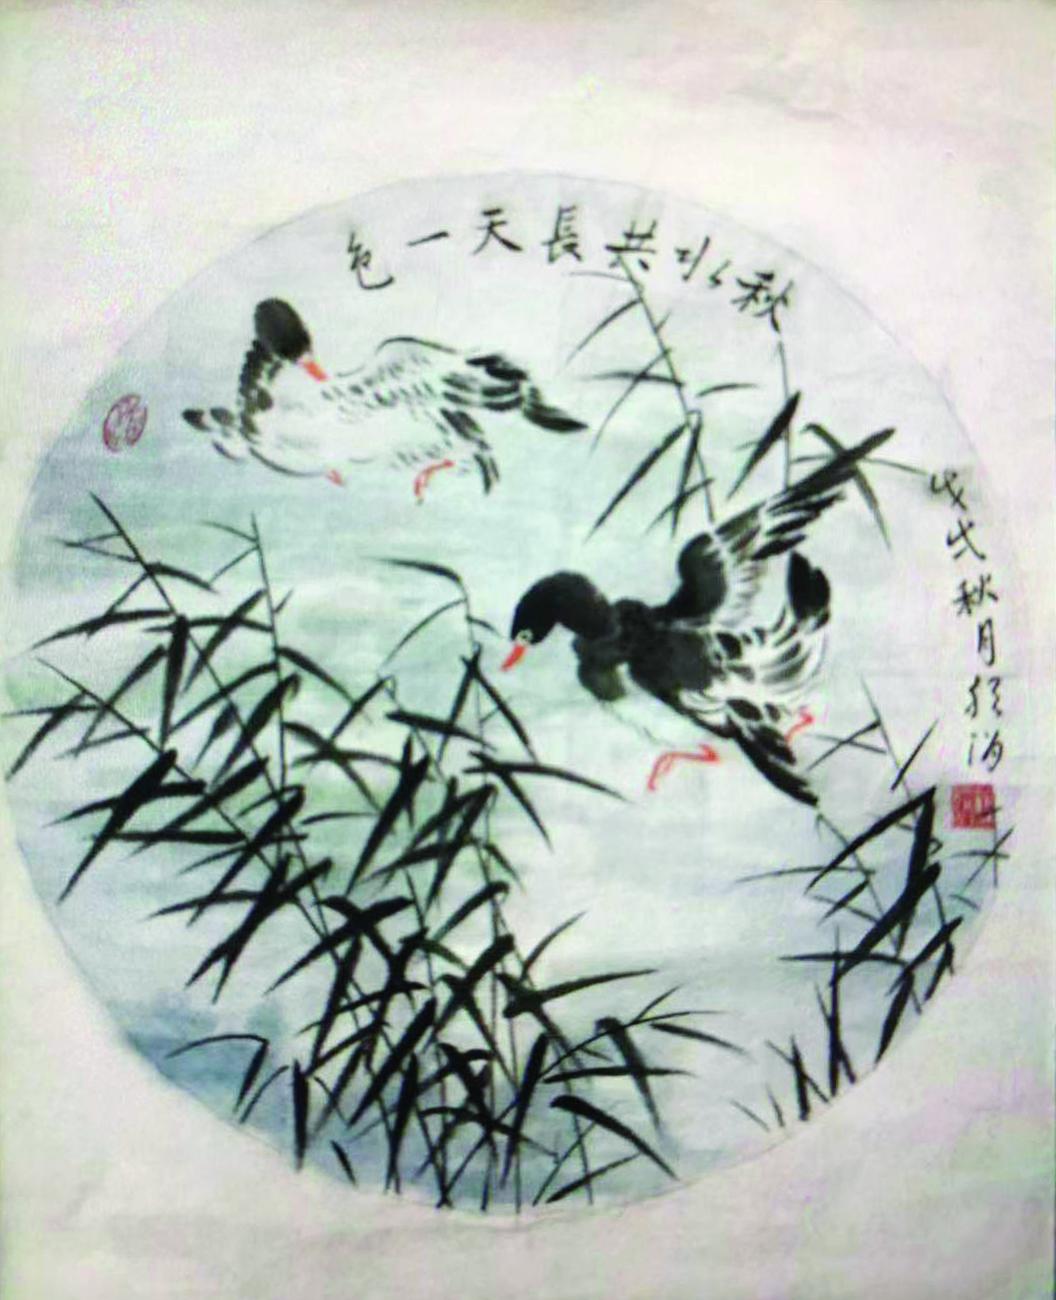 de-yi-shuang-xin-de-zhan-lan-4